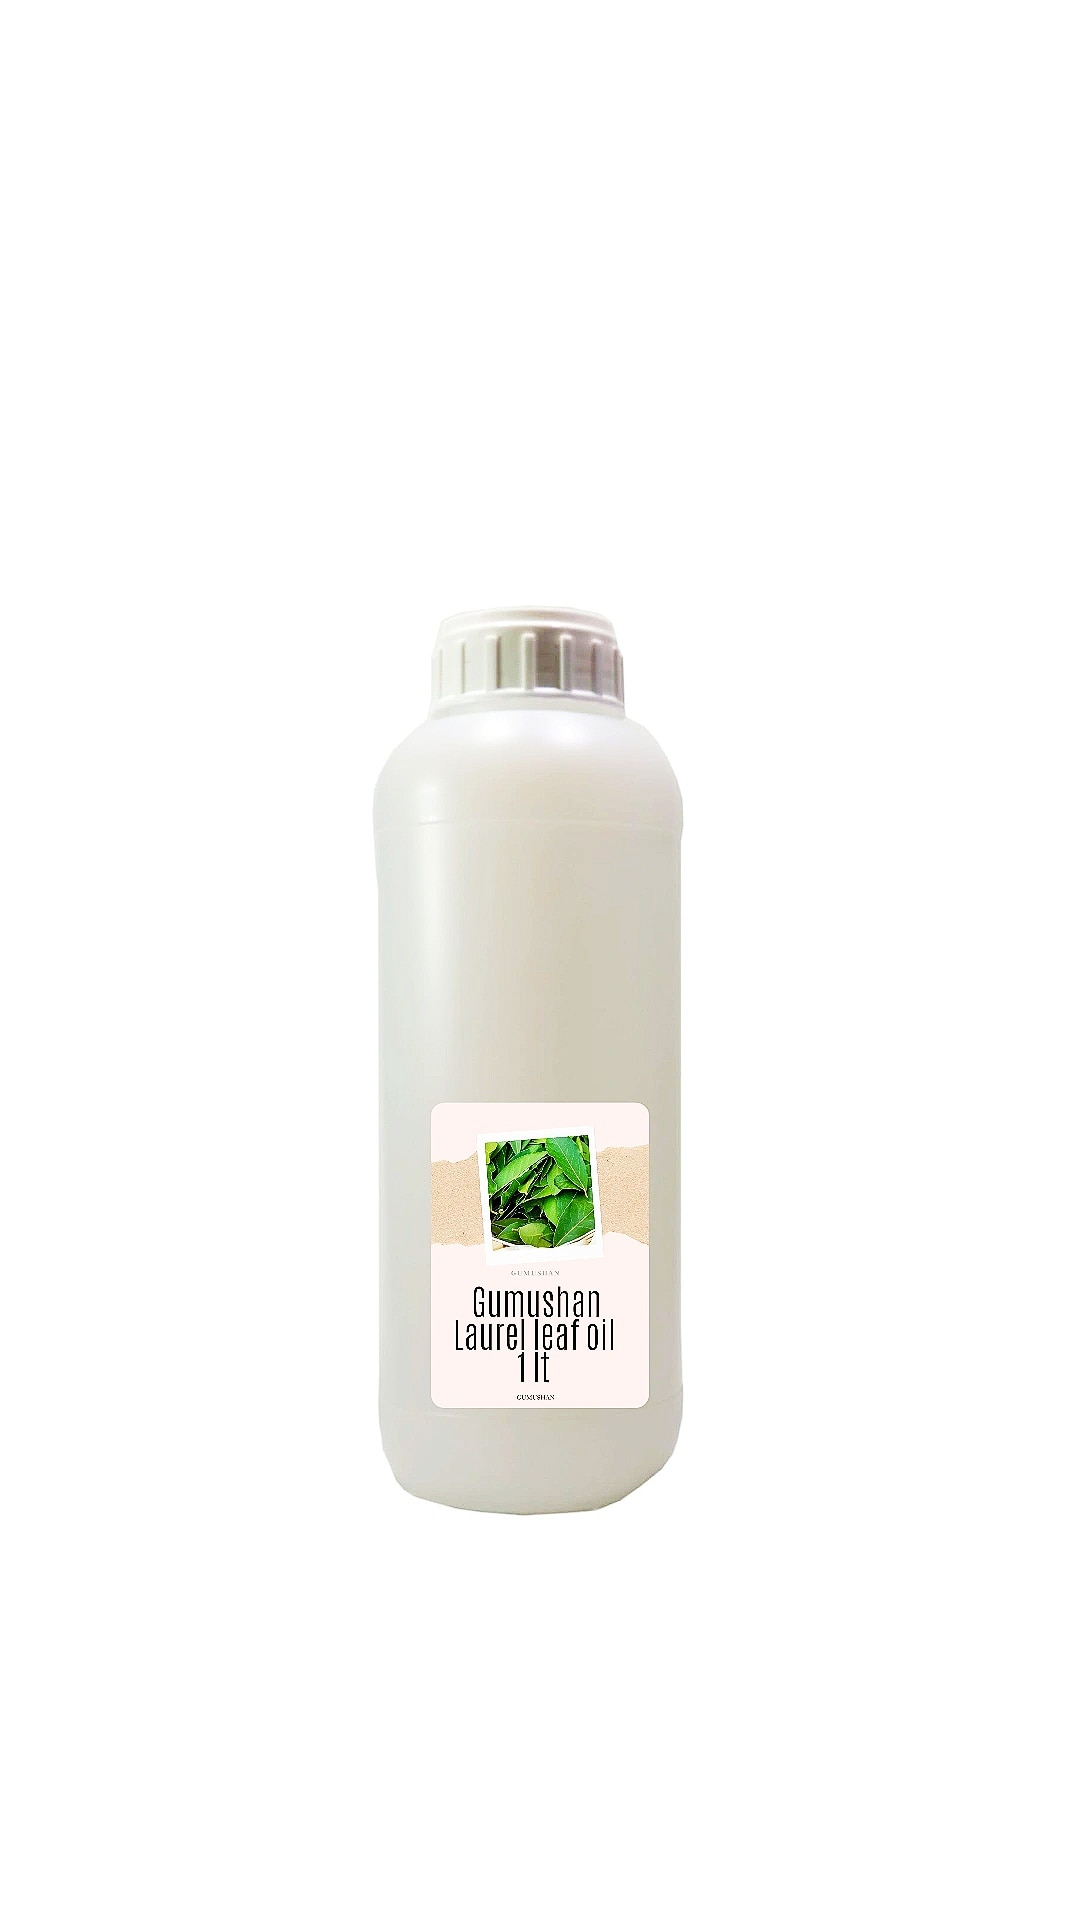 High quality pure Laurel Leaf Oil 1 liter 34 fl oz 1000ml